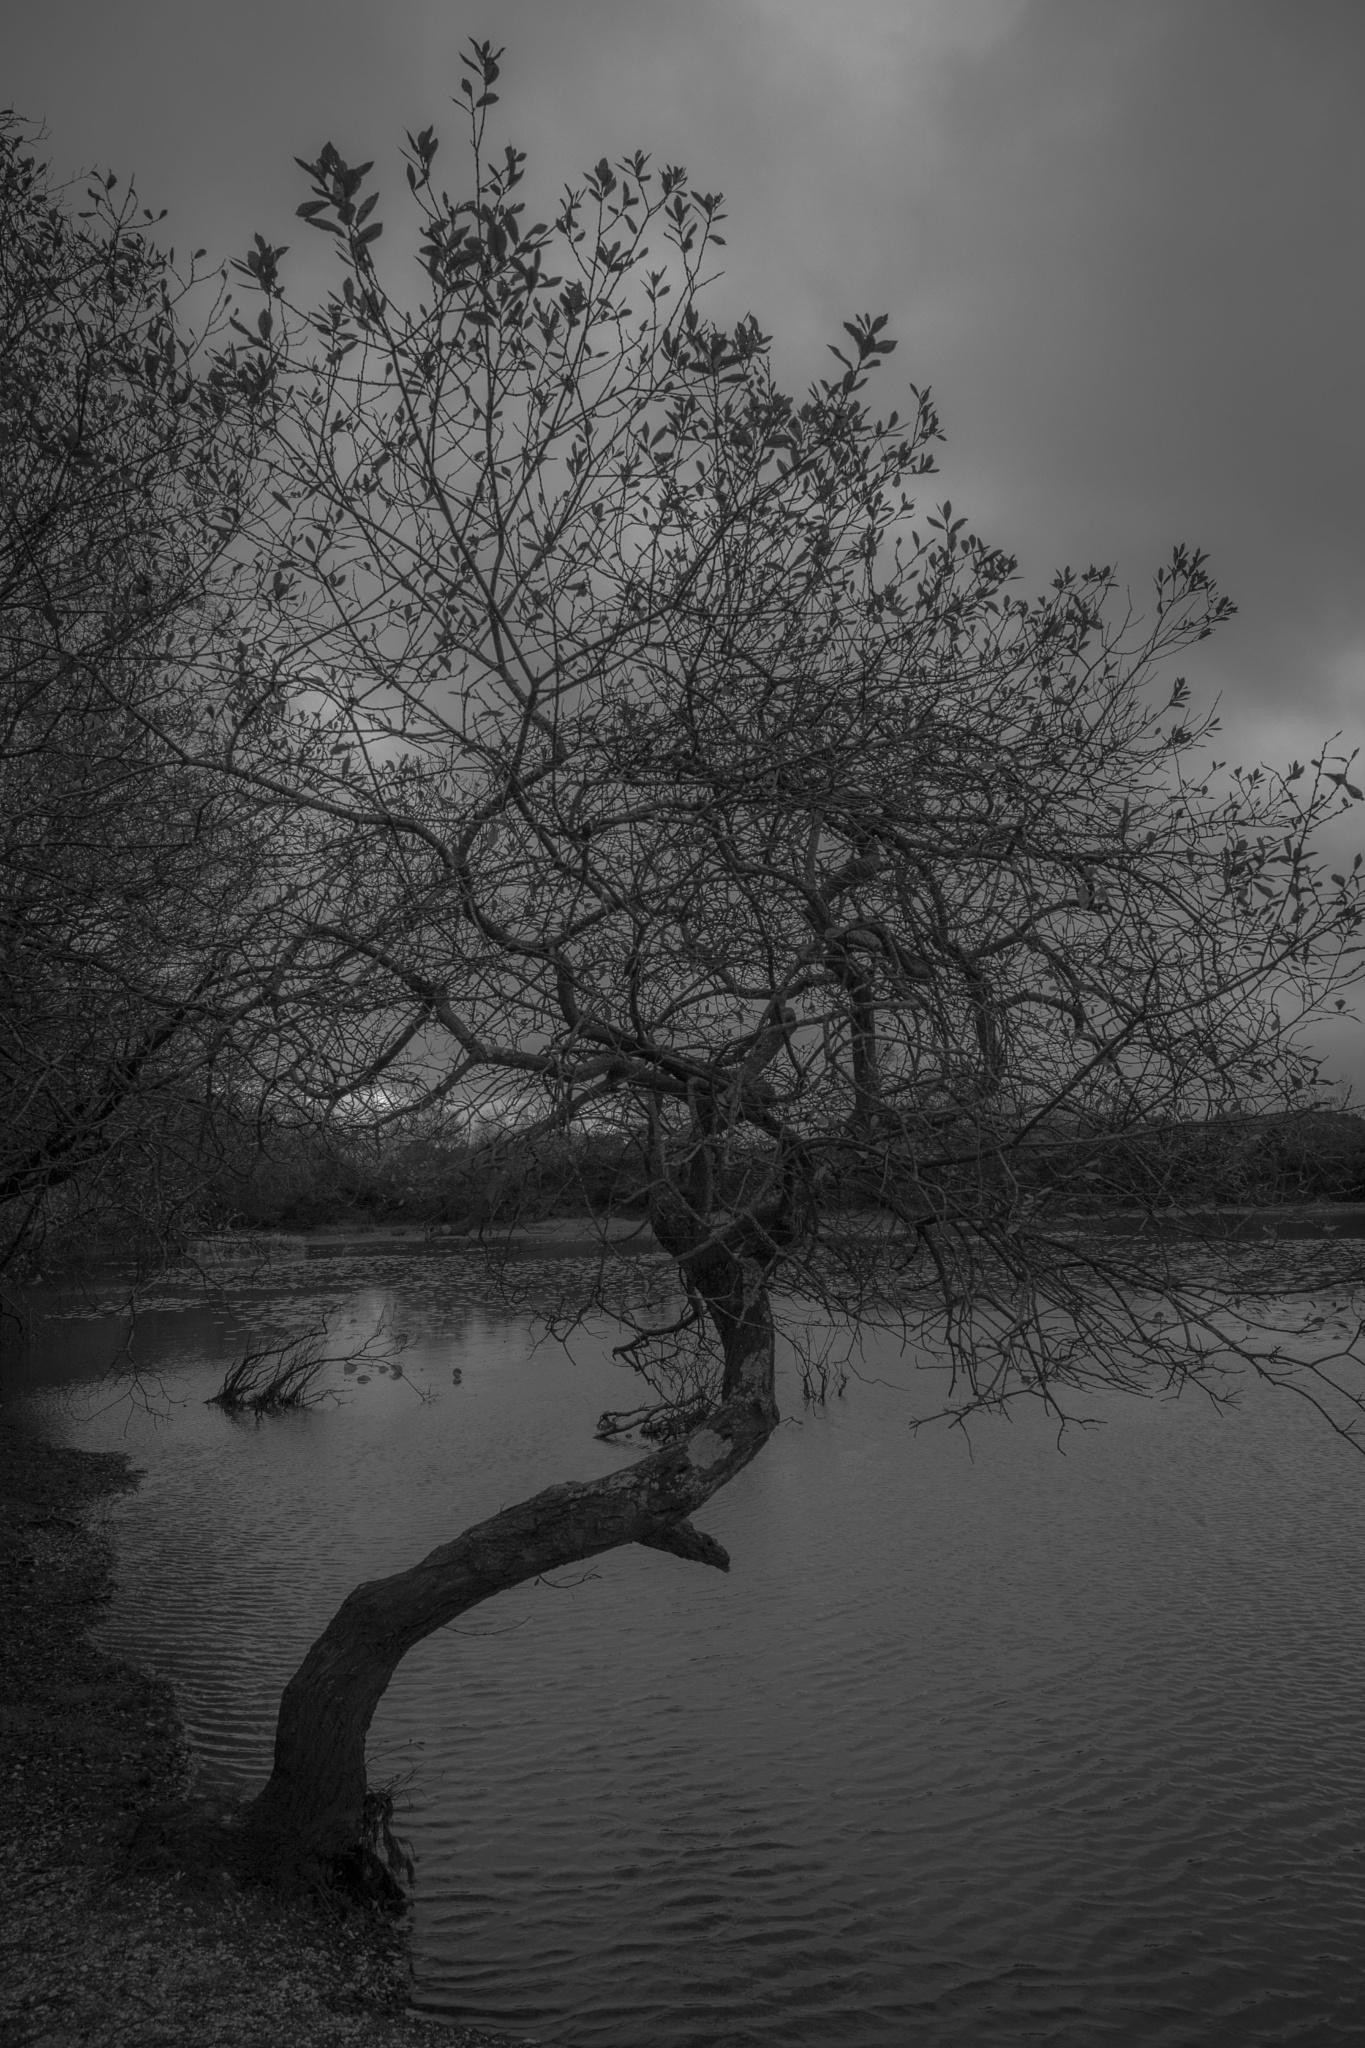 Gloomy lake by Angela Grant